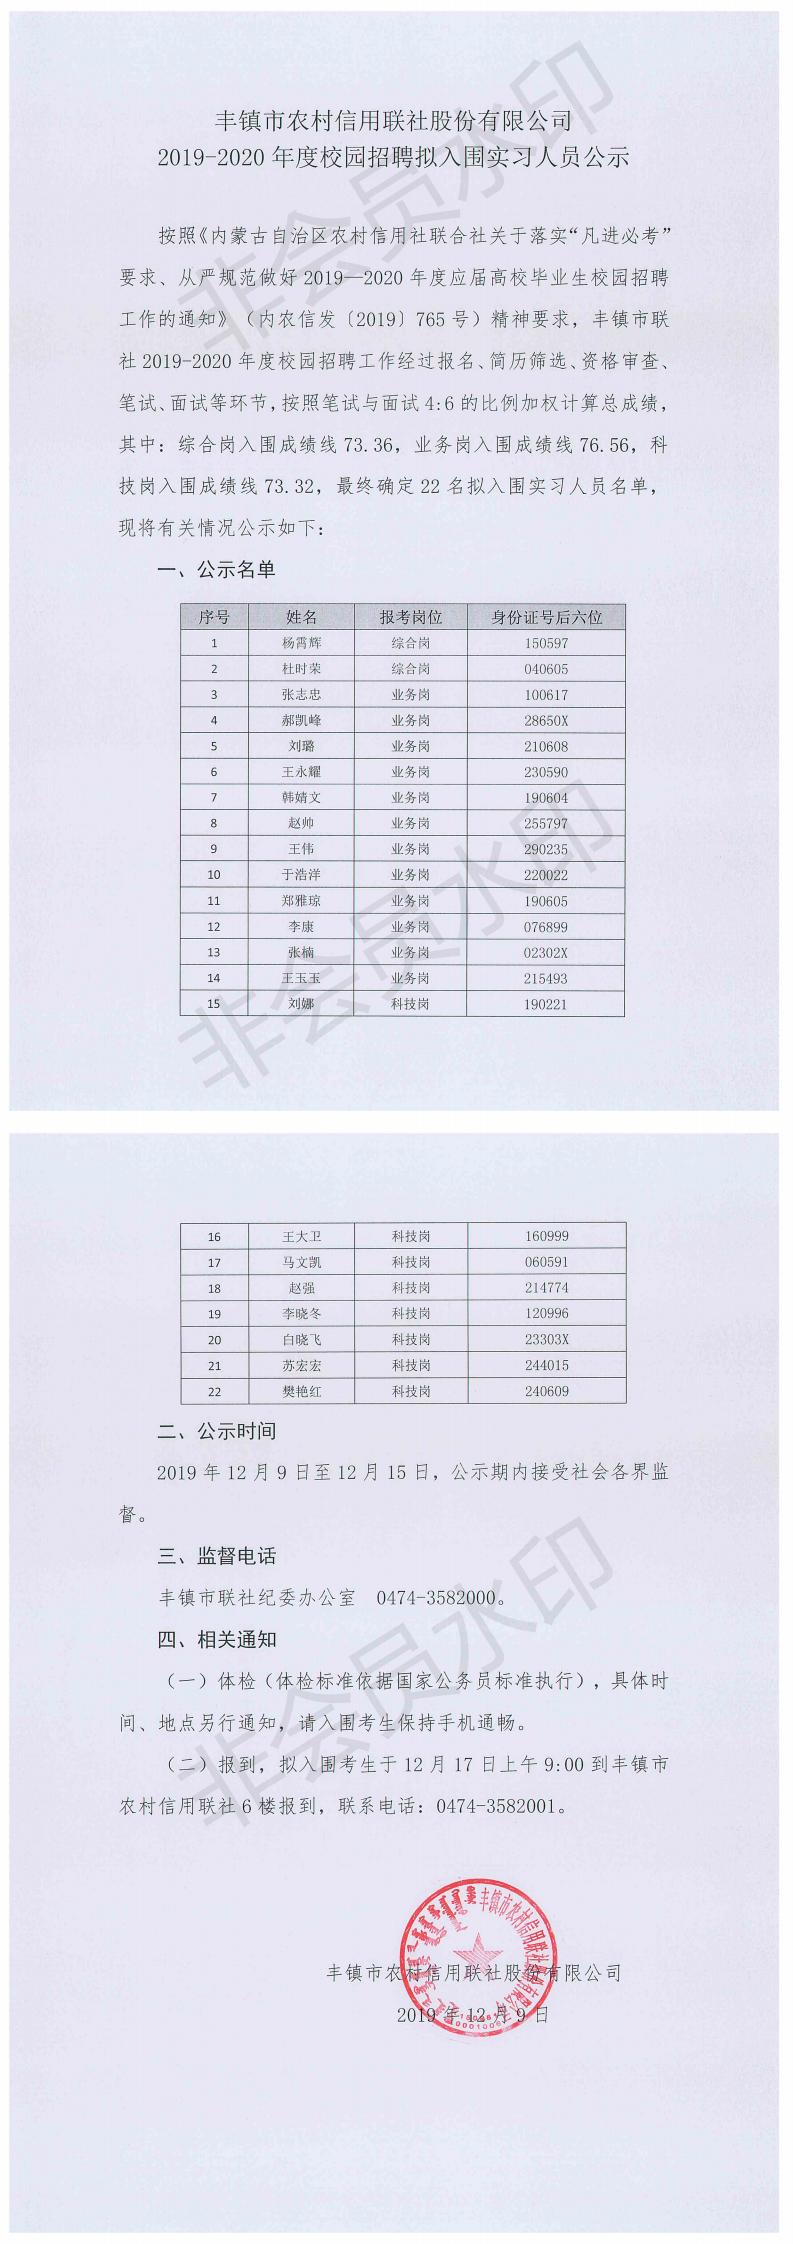 丰镇市联社2019-2020年校园招聘入围实习人员公示_0.png